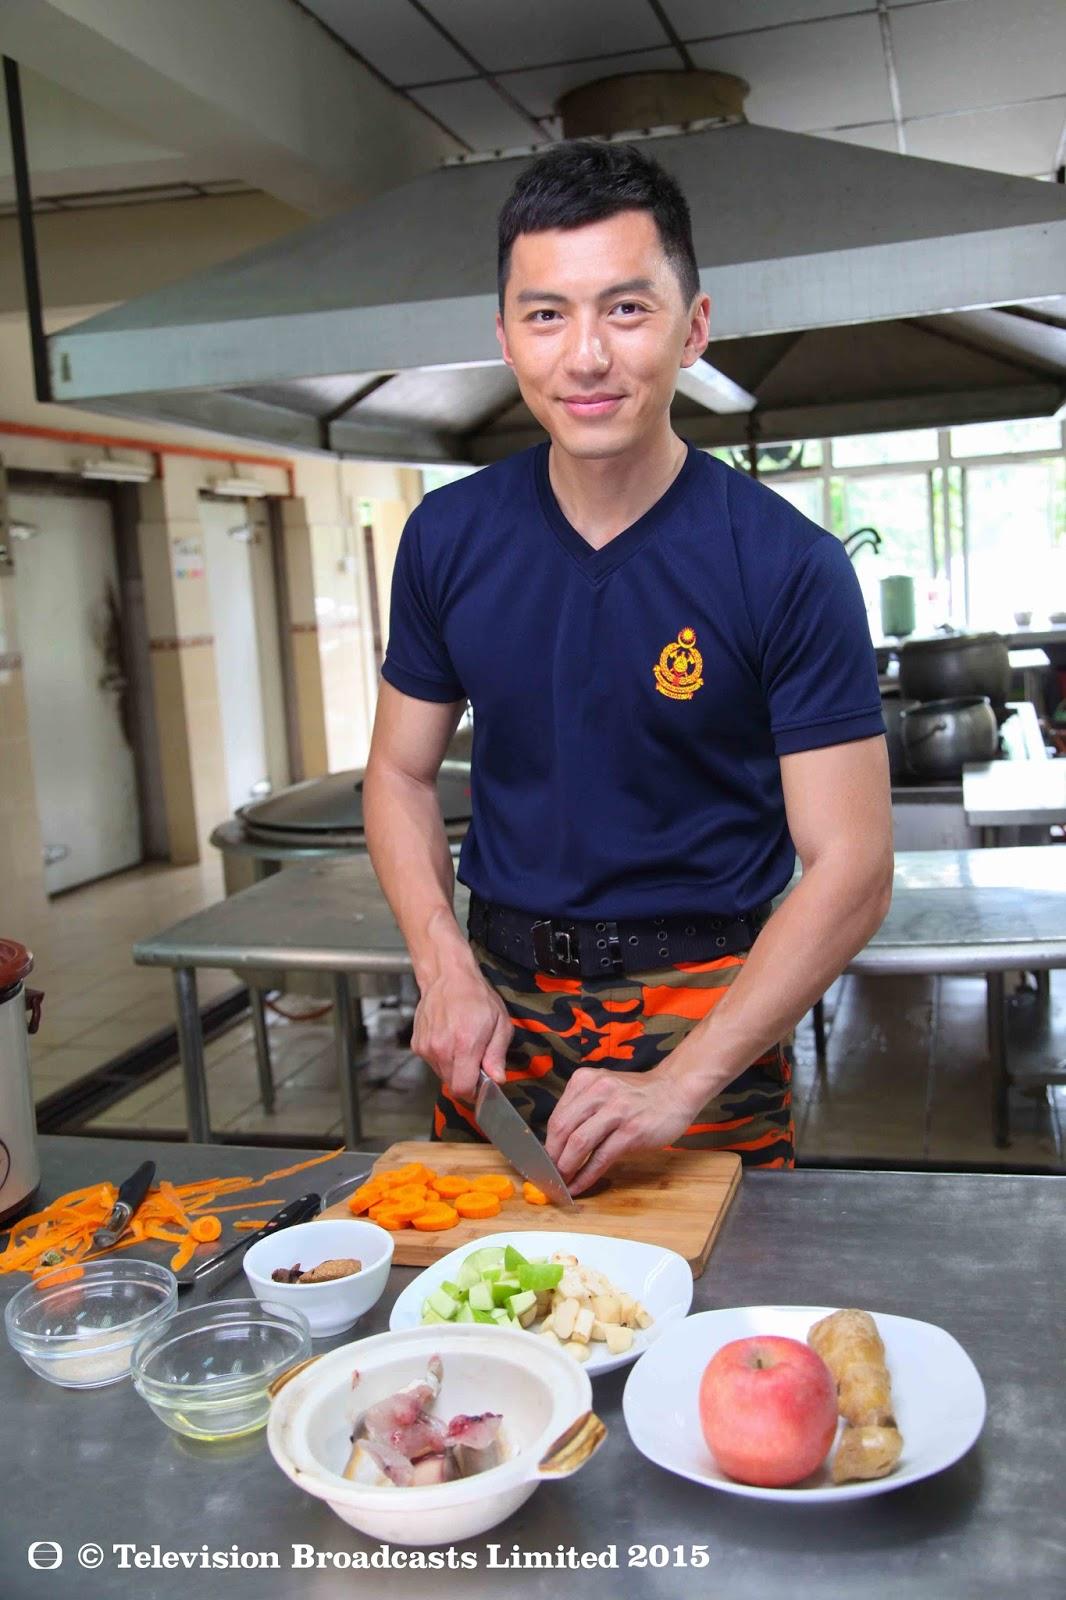 袁伟豪向导师请教一些能滋润身心的健康料理,听导师分享,获益良多 - 《星级健康3之星梦成真》